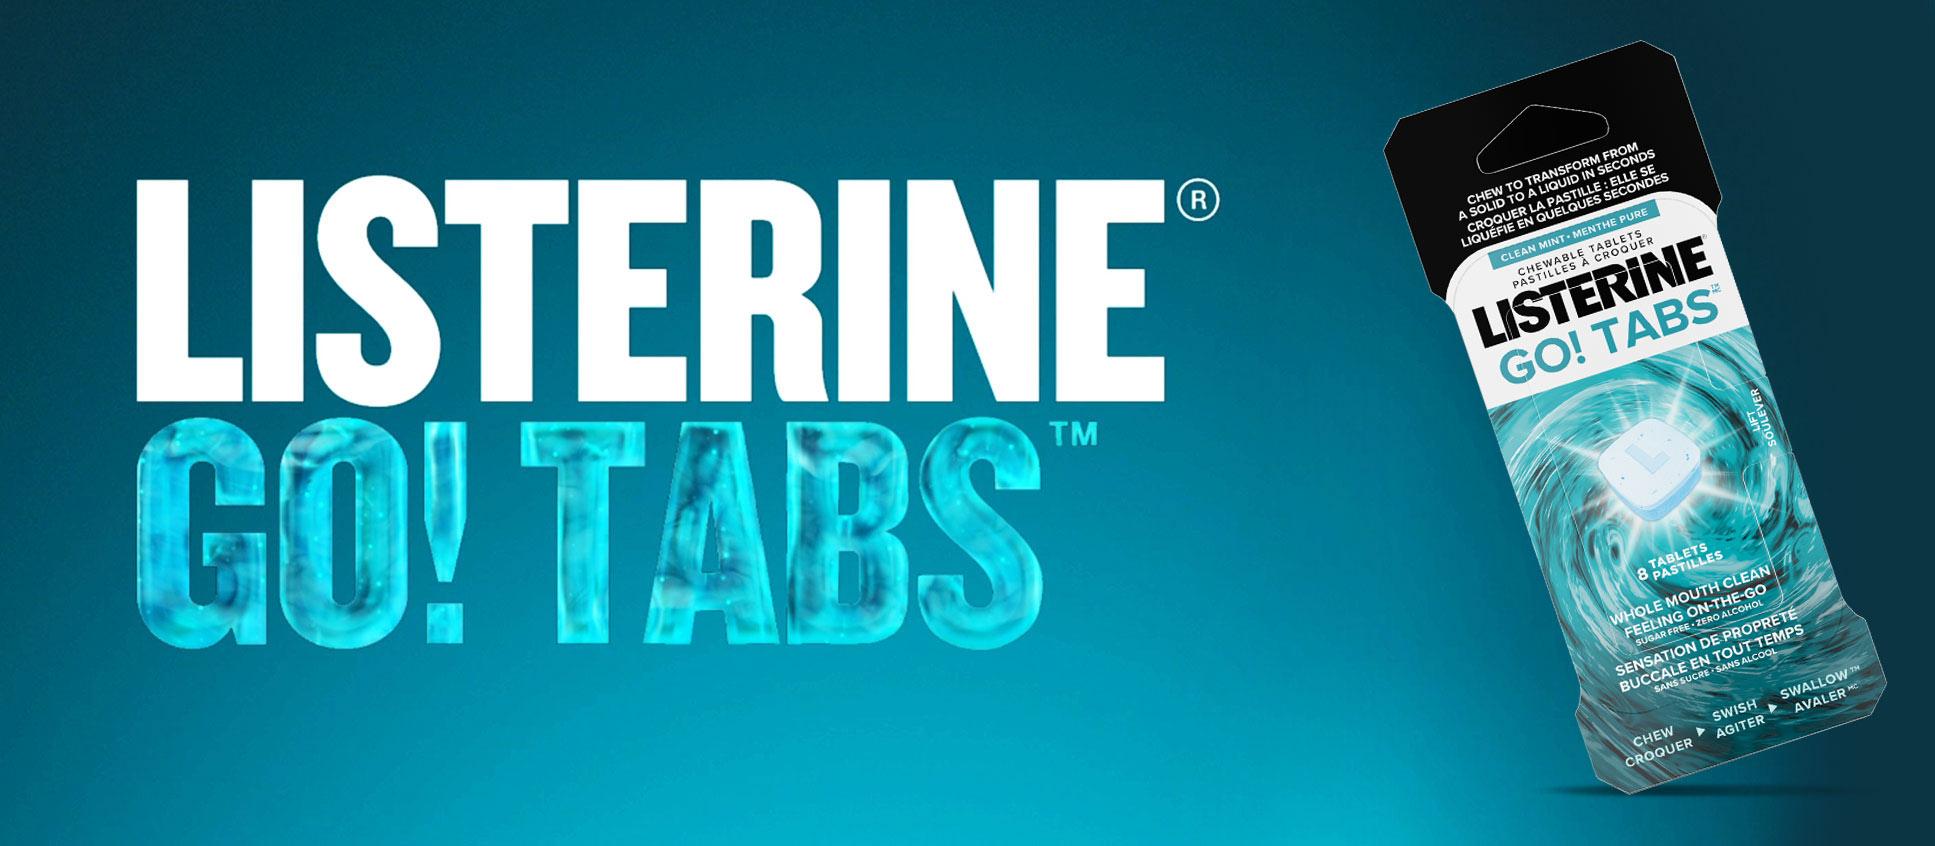 Listerine Go Ready Tabs for oral healthcare